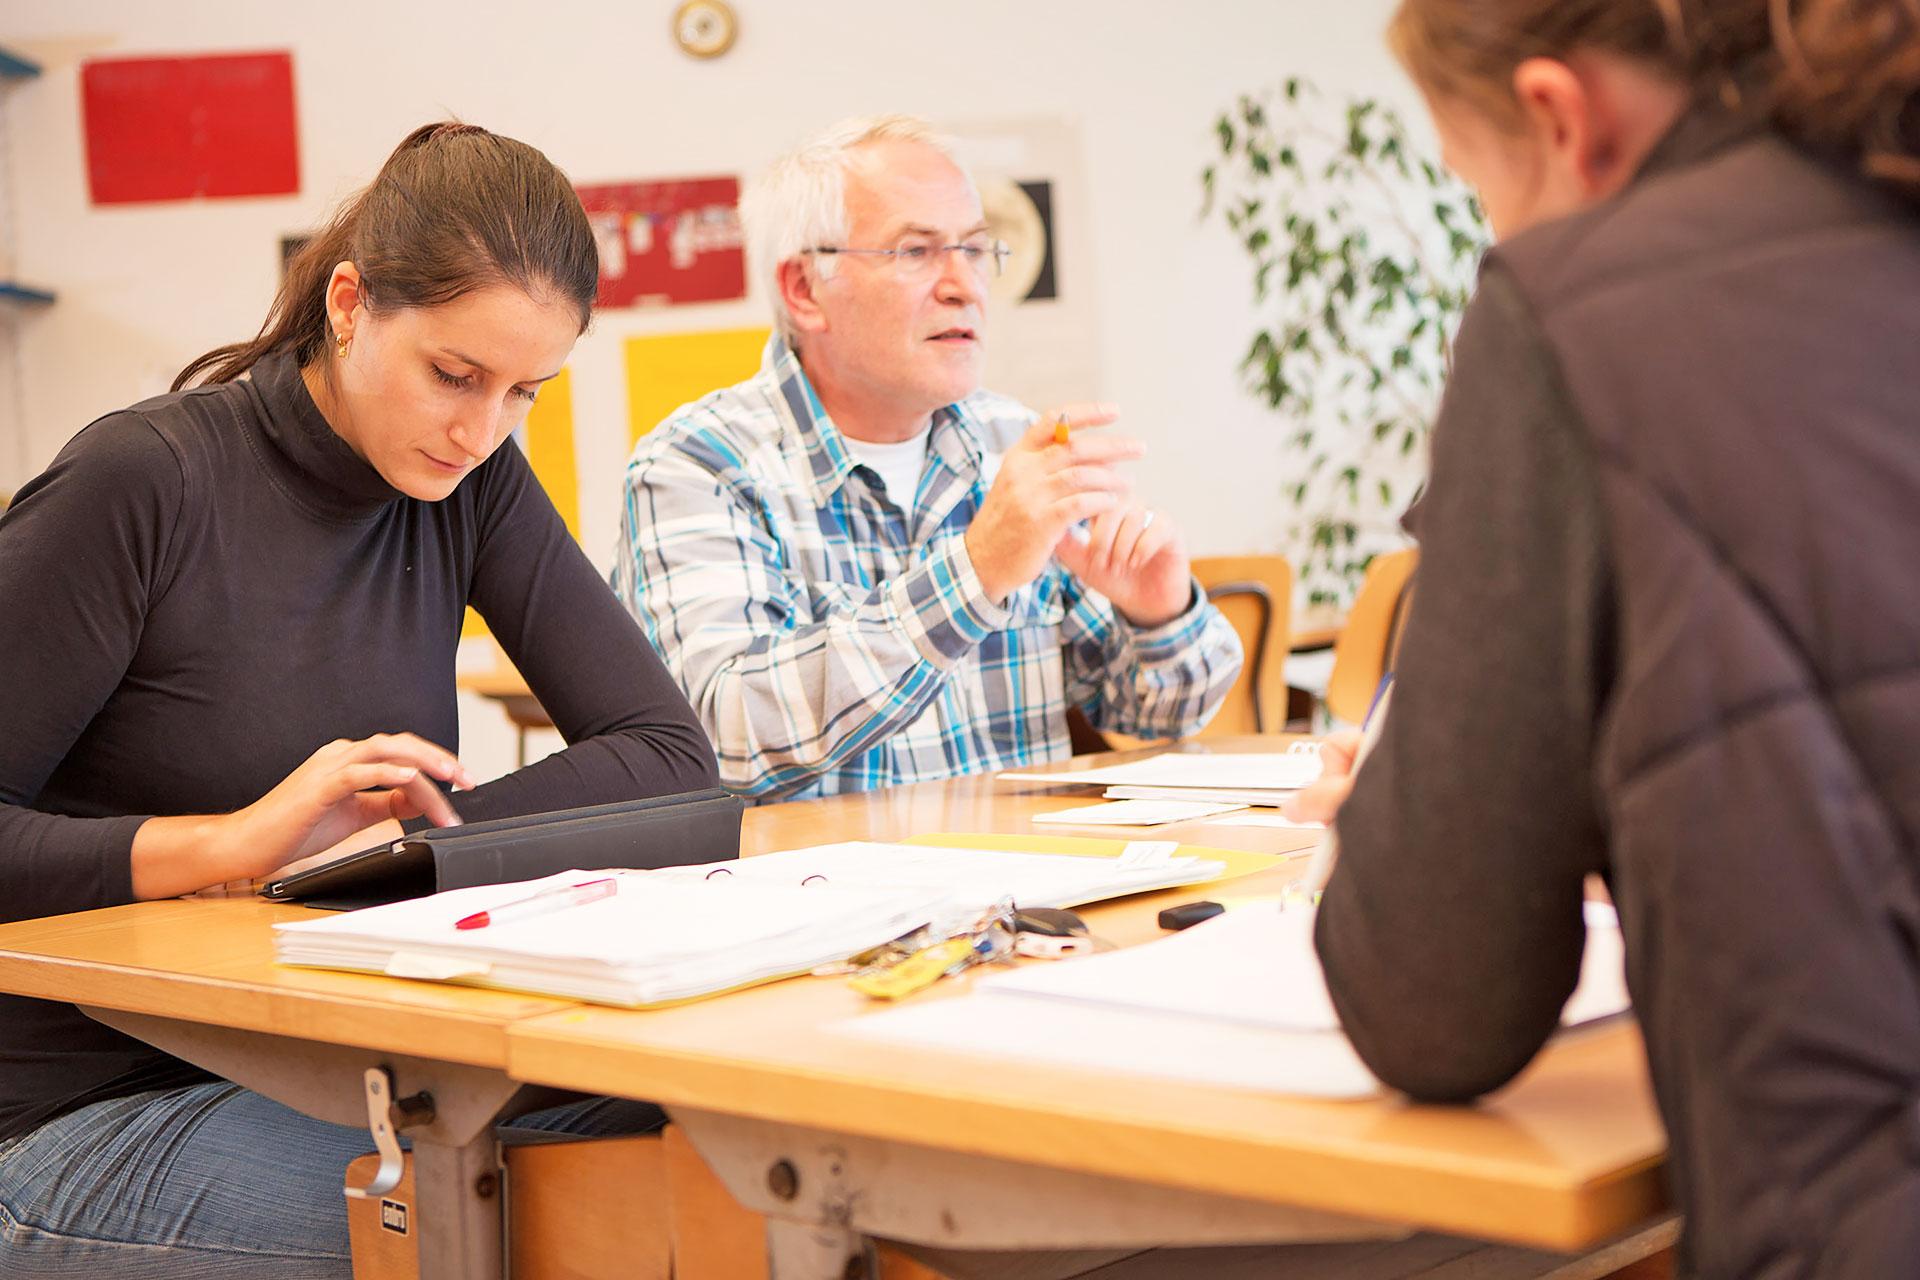 eine Lehrerin macht sich während der Teambesprechung Notizen auf ihrem Tablet